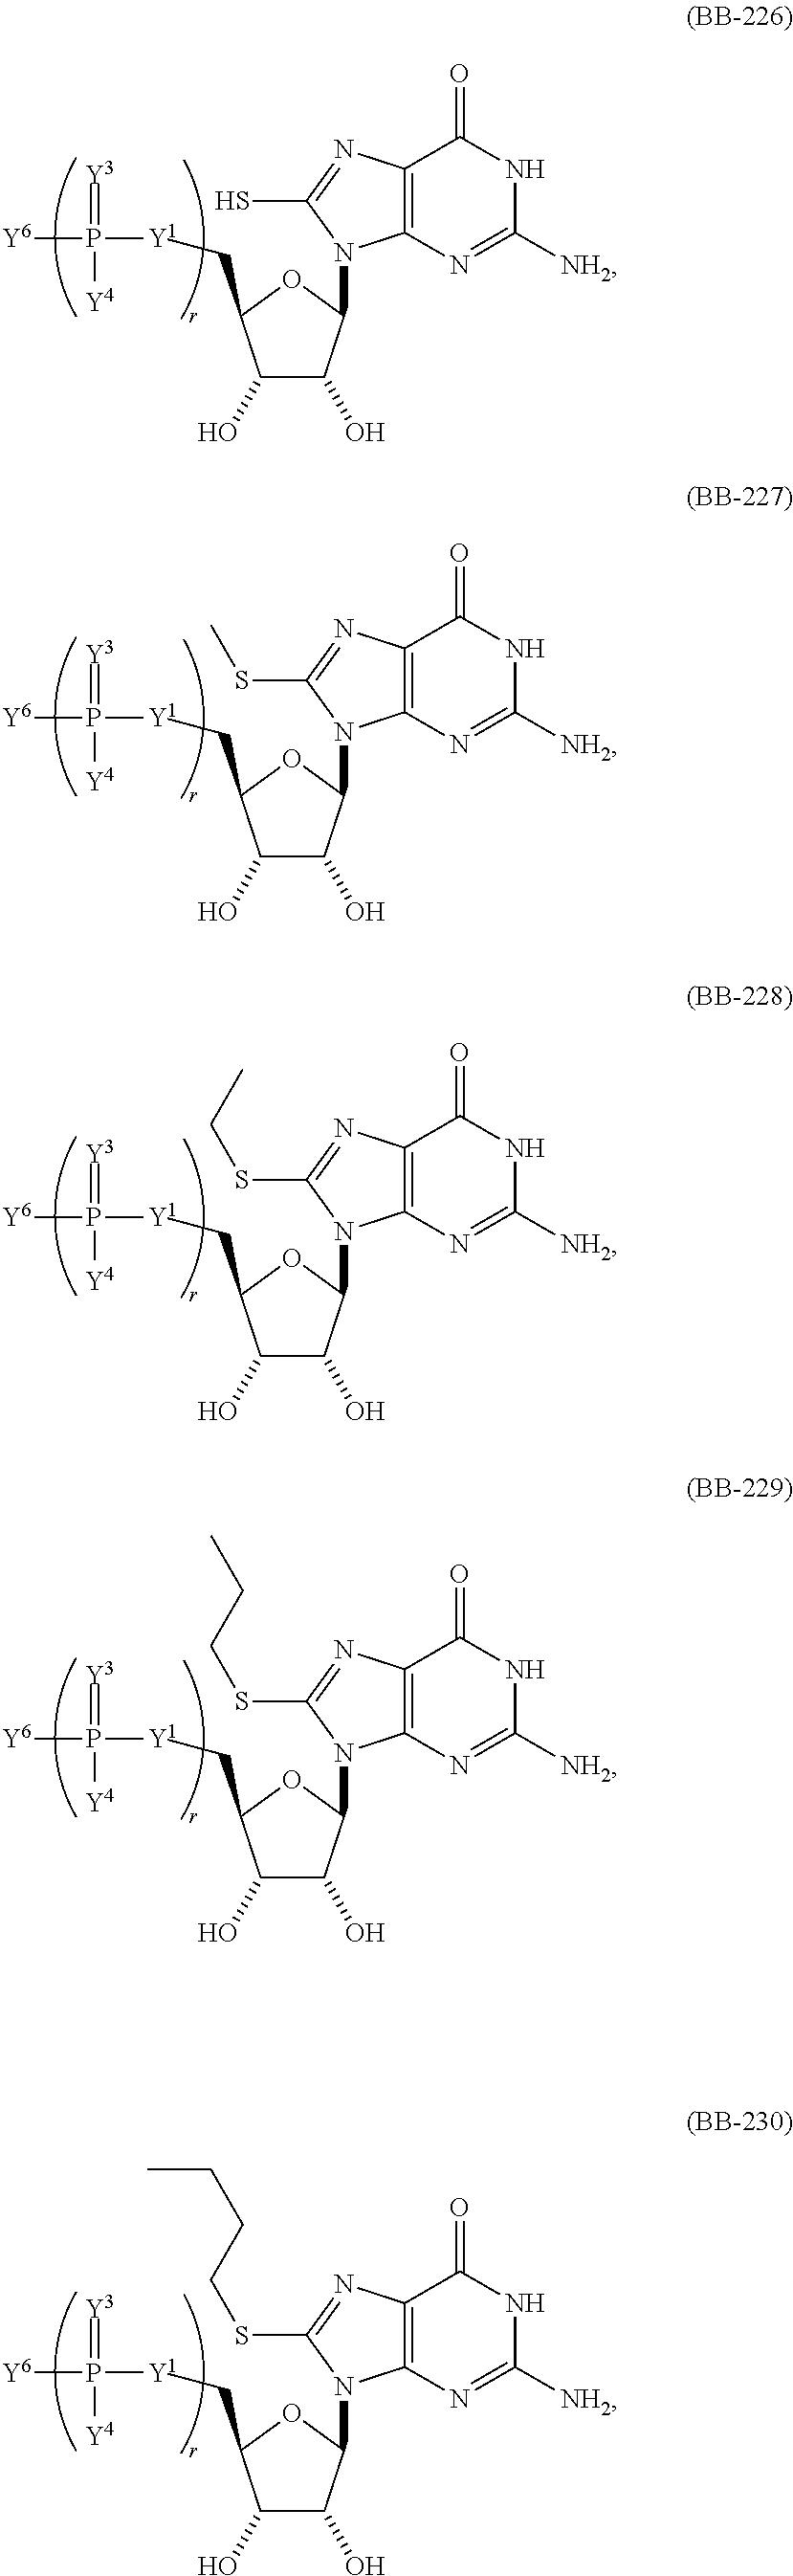 Figure US20150064235A1-20150305-C00078